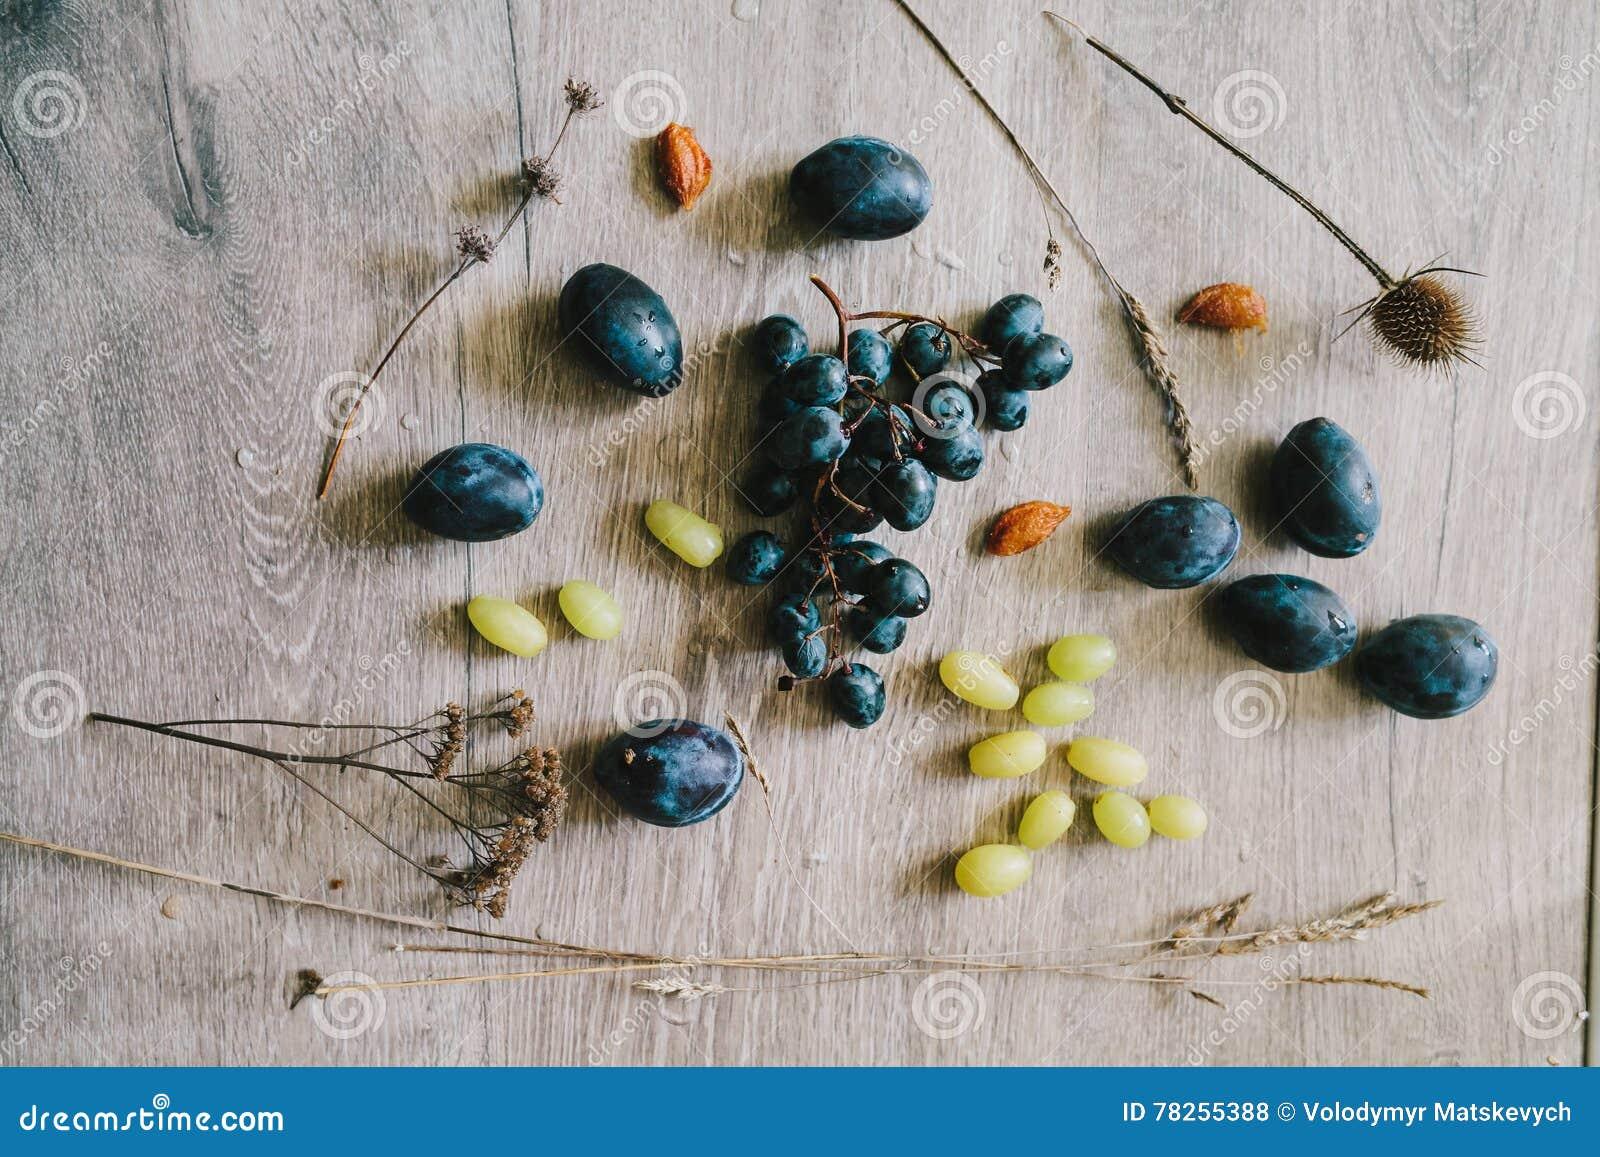 Στα ξύλινα σταφύλια υποβάθρου, δαμάσκηνα, ξηρά χλόη, σπόροι, thist